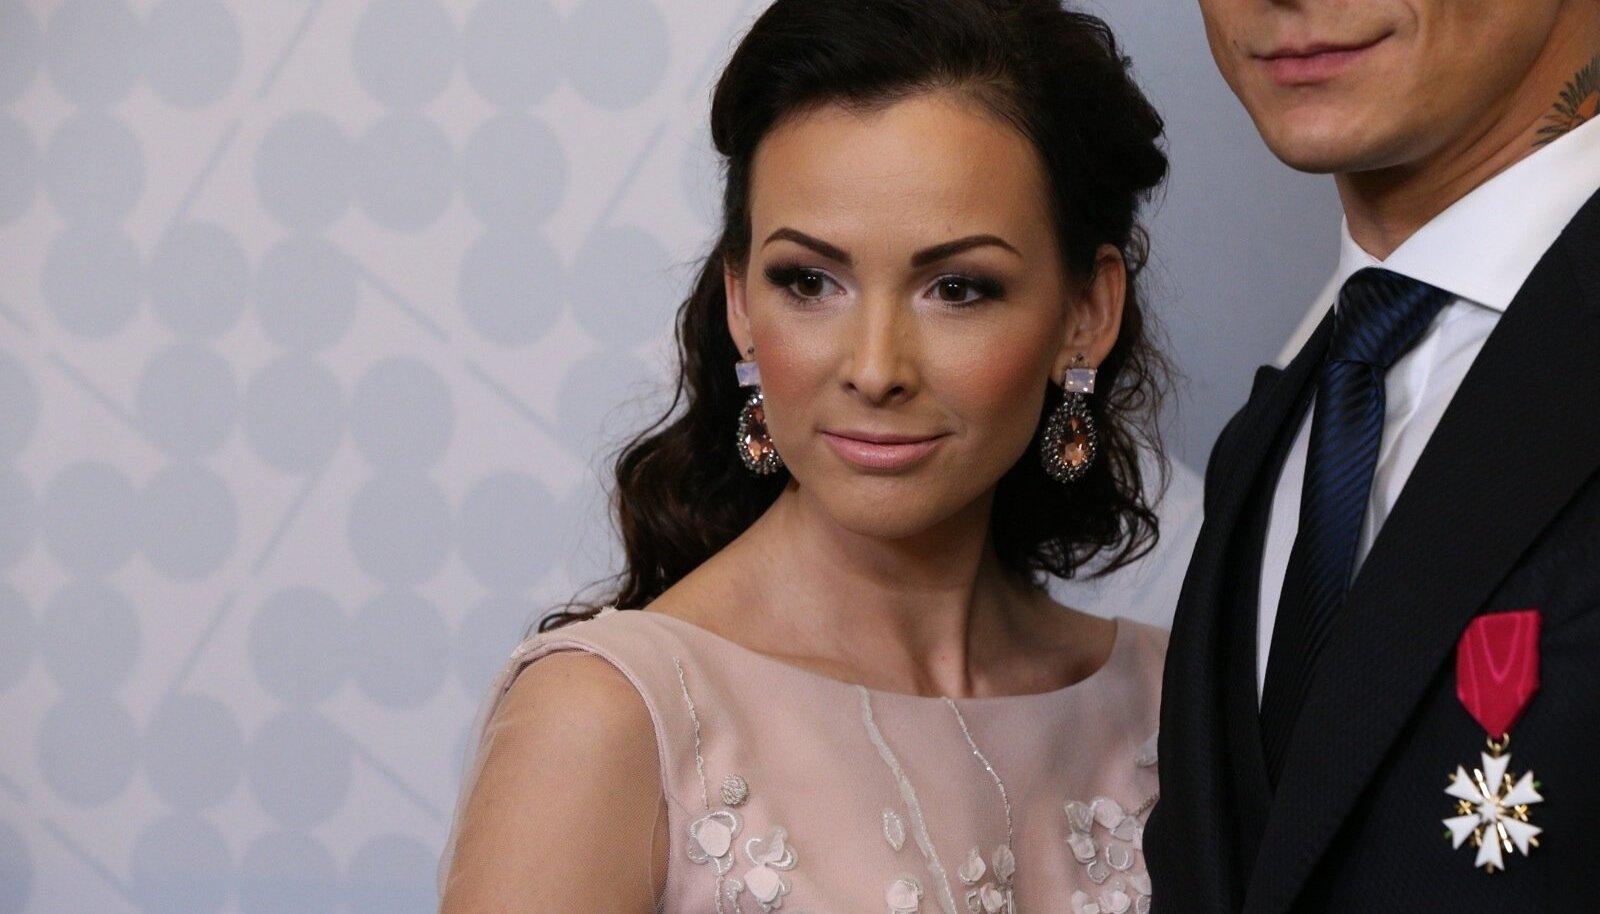 Kristel Mardisoo